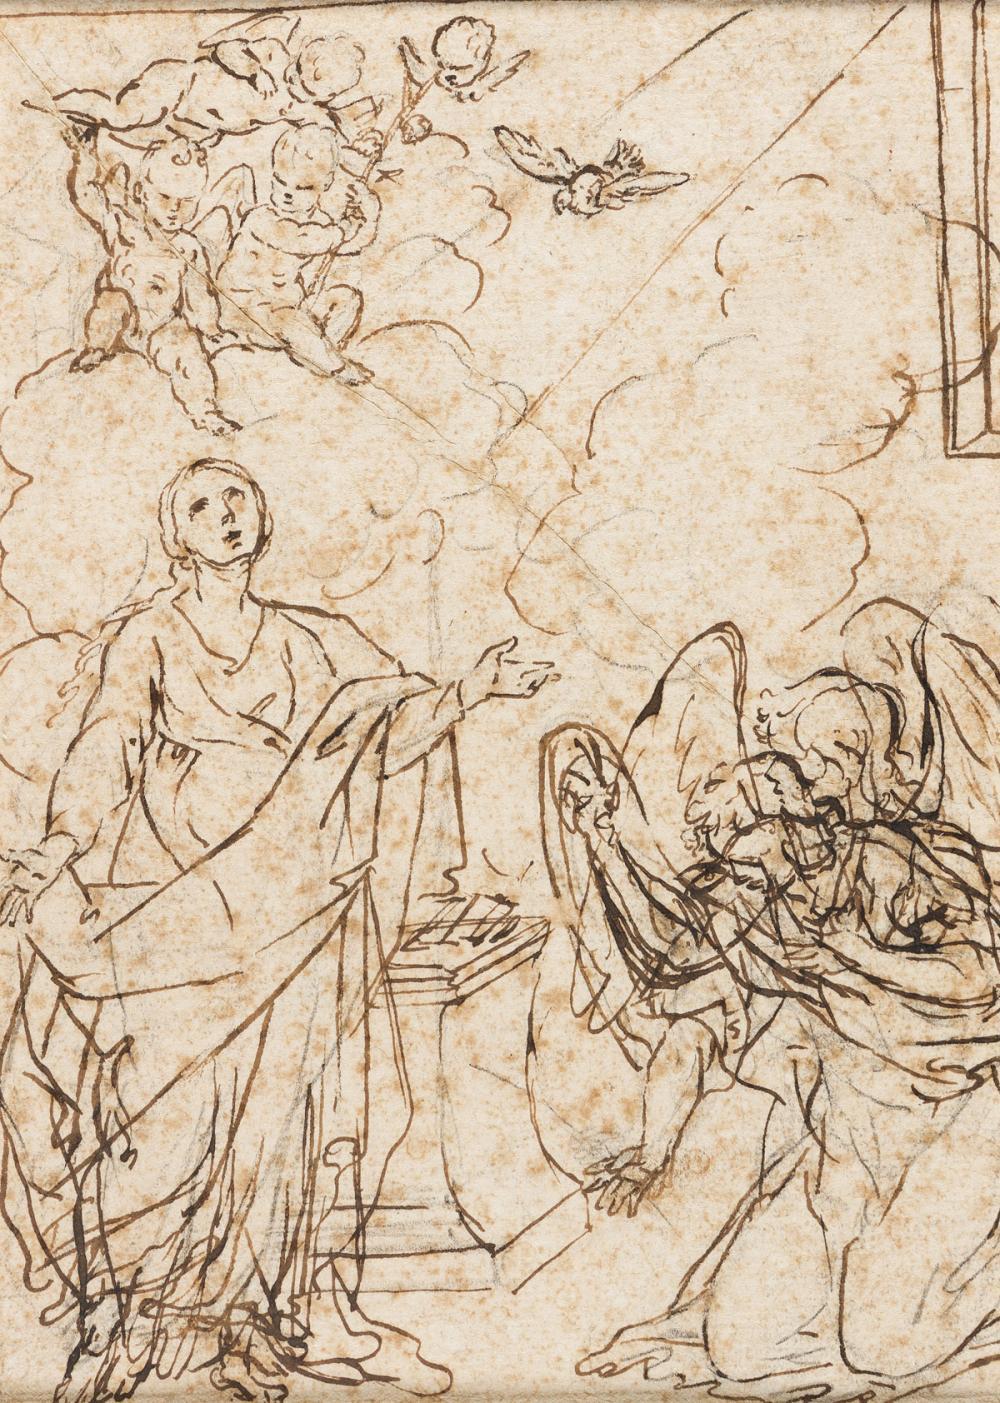 GIACINTO CALANDRUCCI (Palermo 1646-1707 Palermo) The Annunciation.